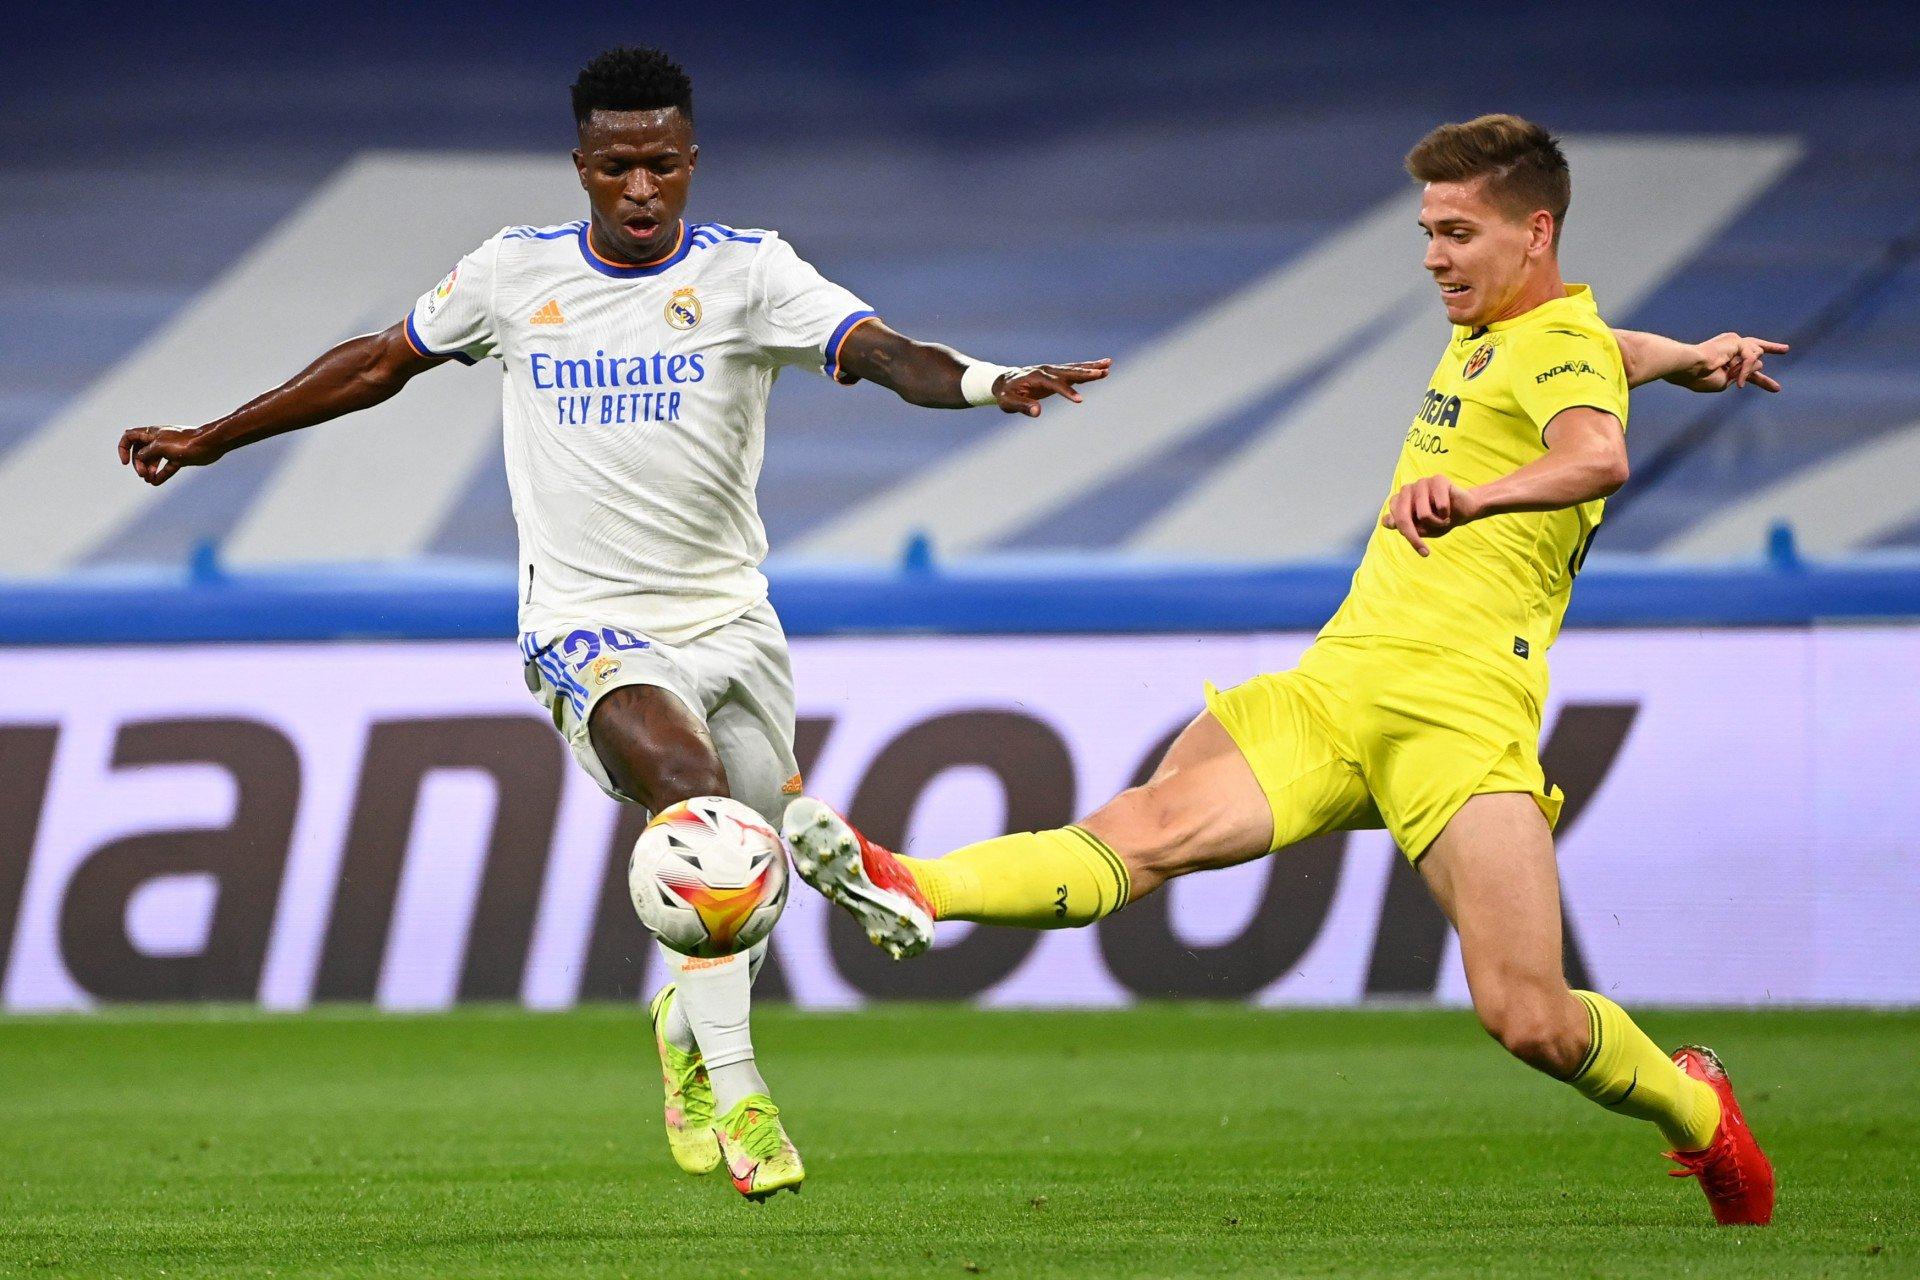 Real Madrid empata com o Villarreal e desperdiça chance de disparar no Espanhol